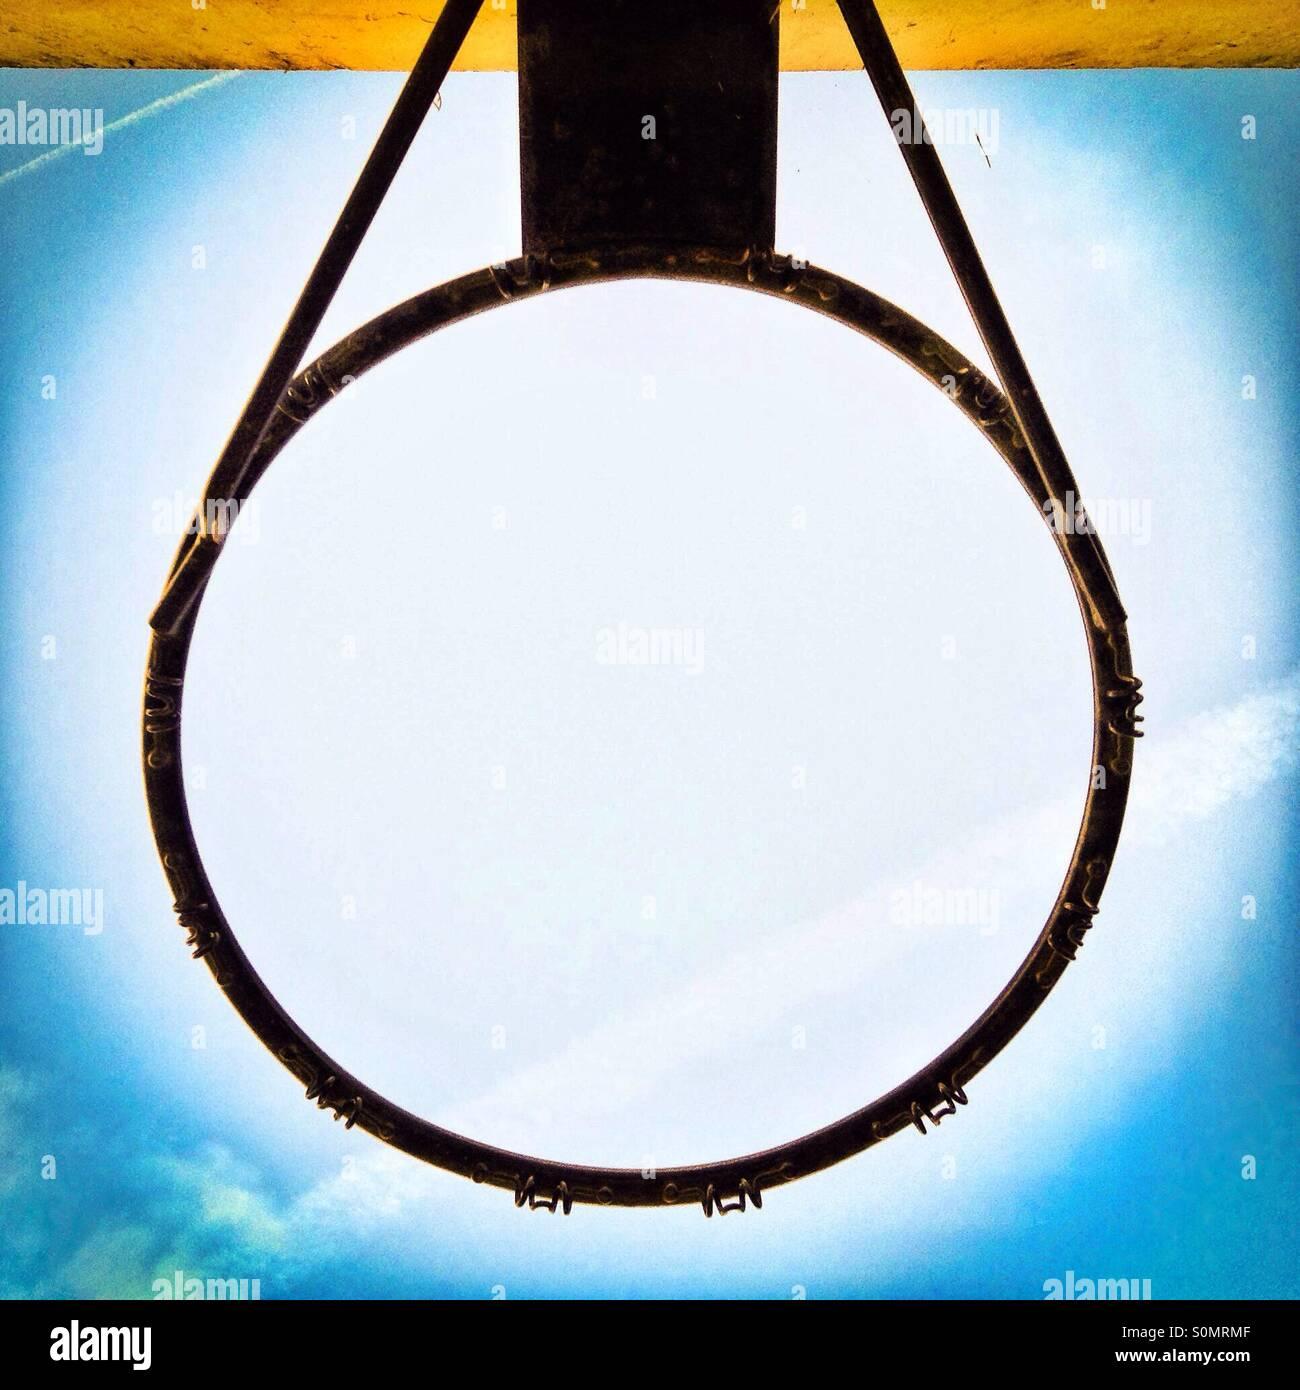 Basketball hoop metal ribg viewed from below - Stock Image